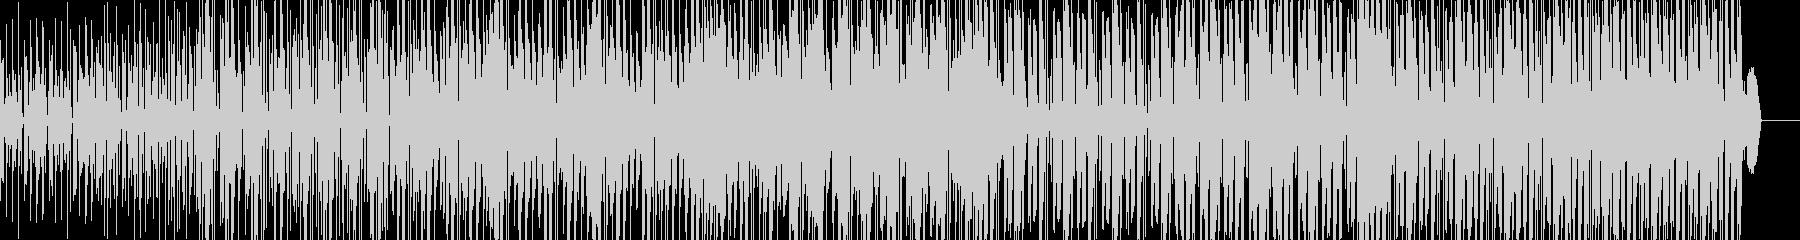 近未来的テクノポップスの未再生の波形